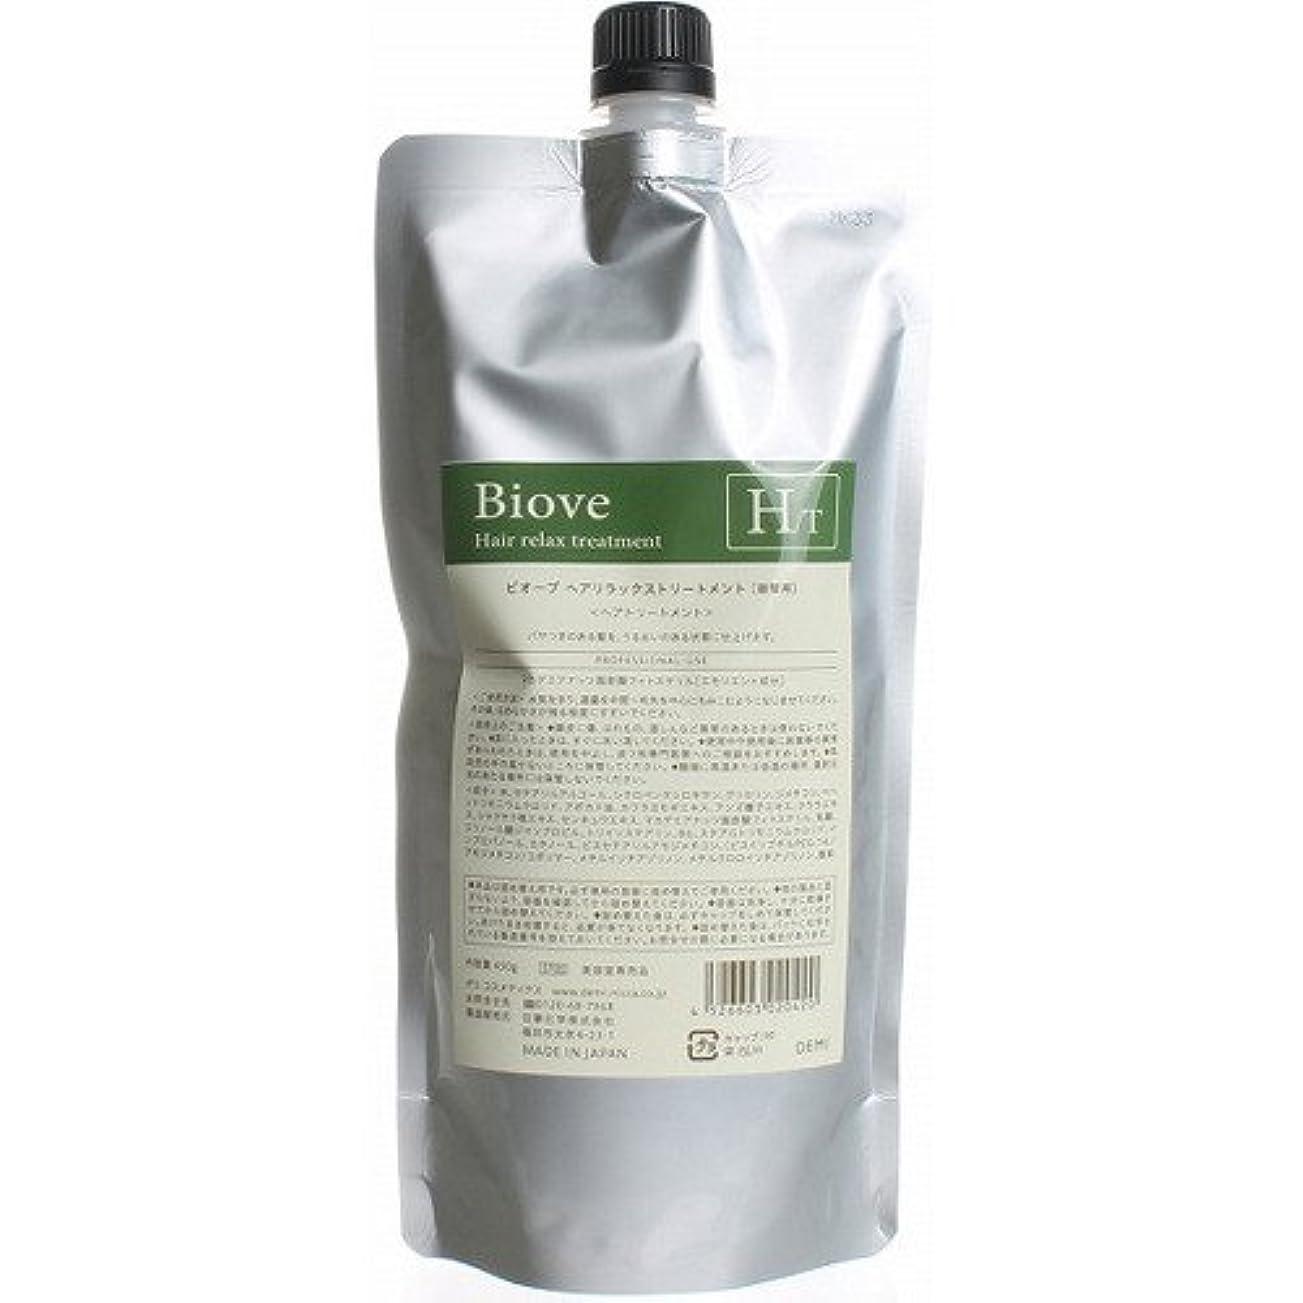 入射栄養ハードウェアビオーブ ヘアリラックス トリートメント 450g レフィル